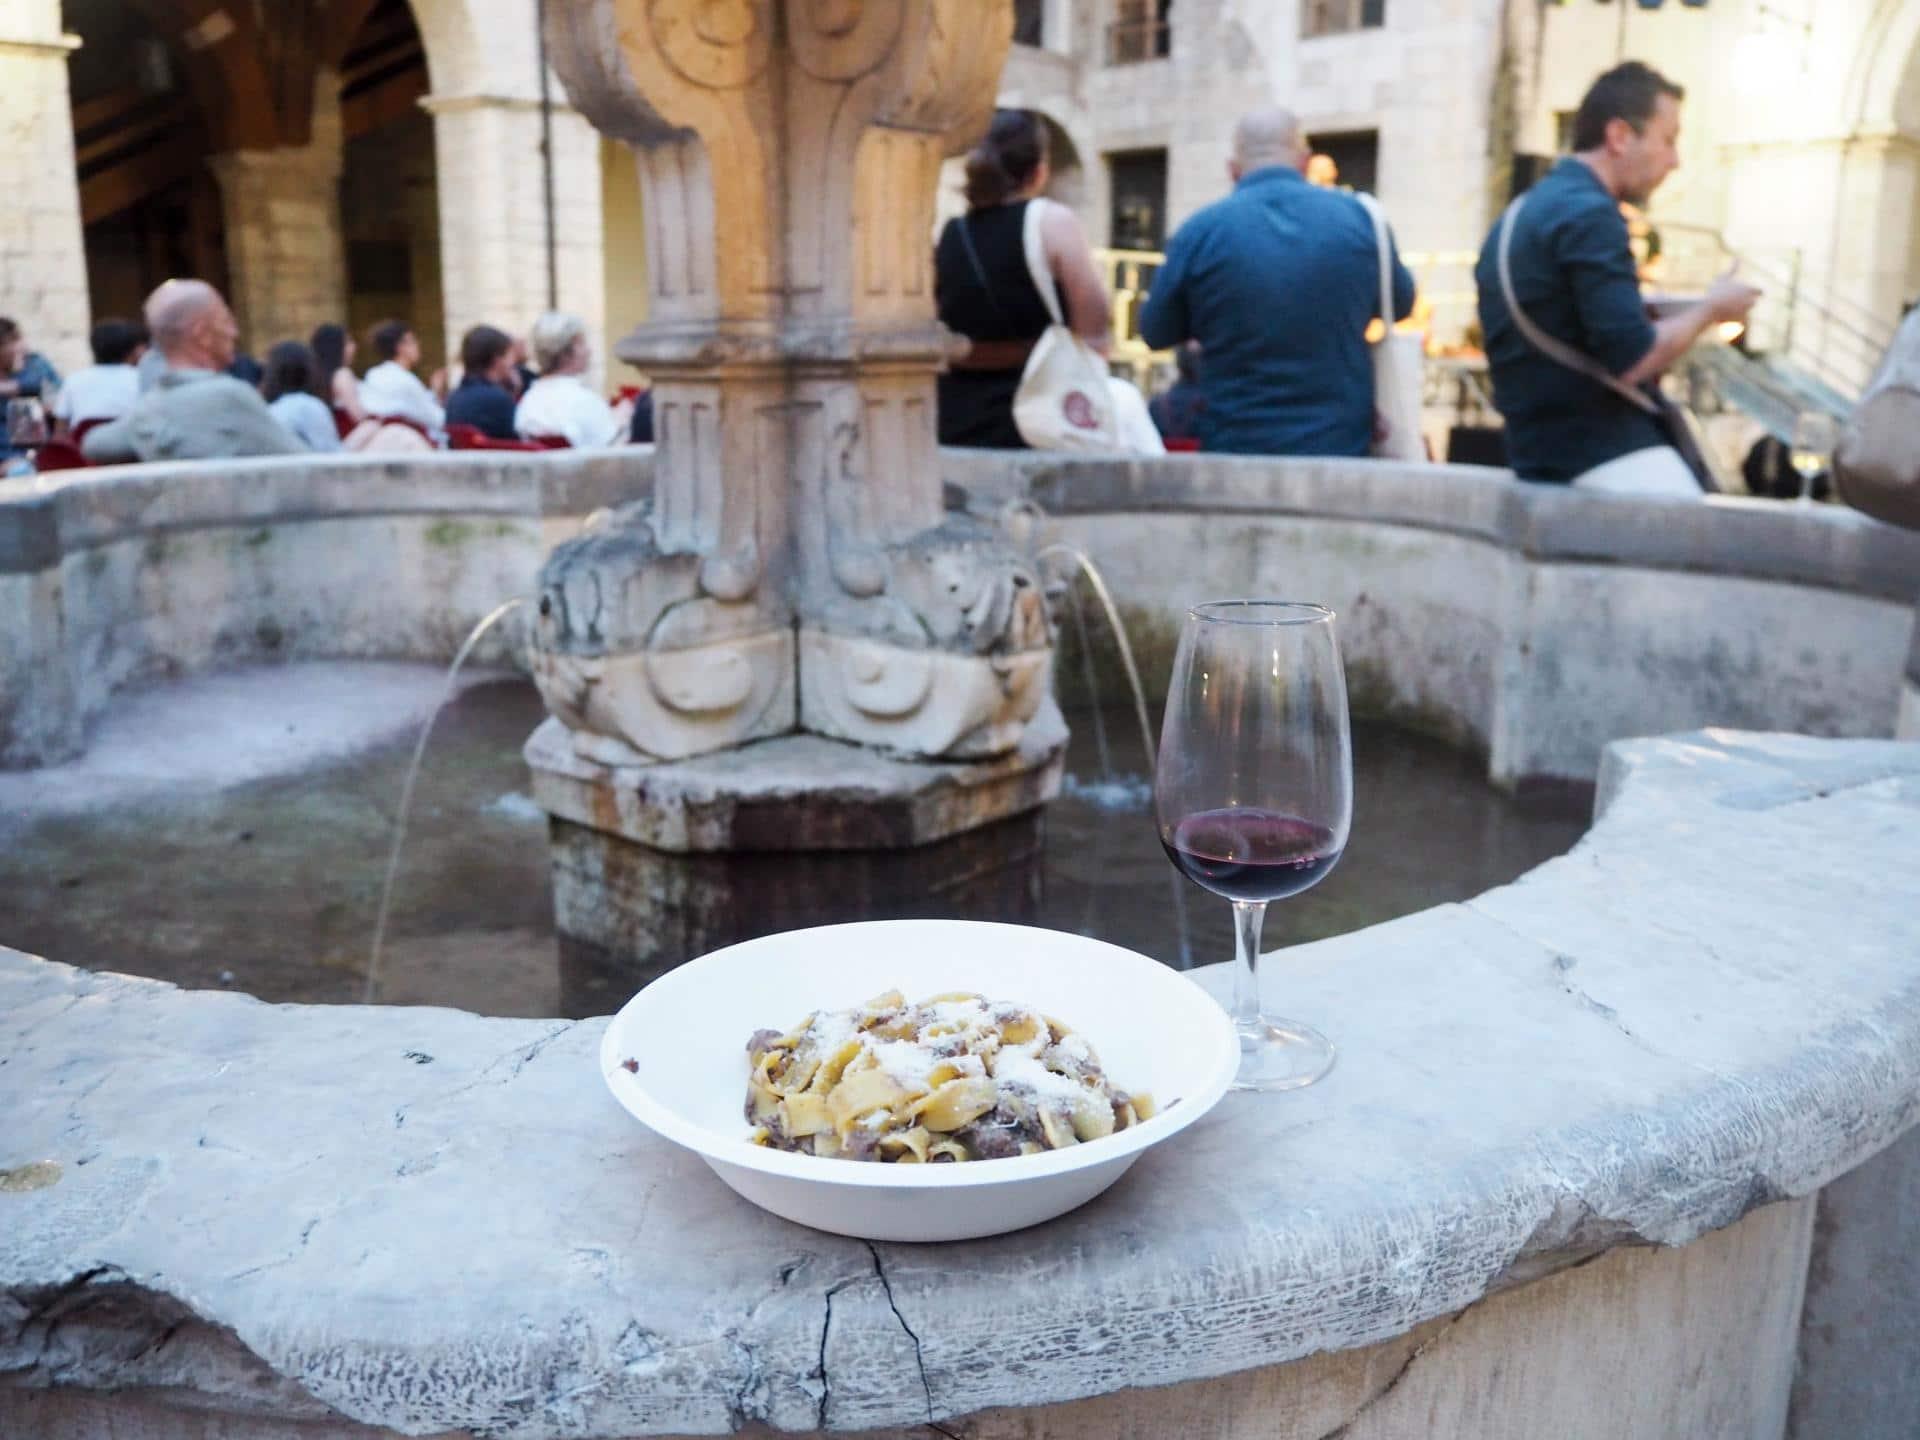 Pasta and wine at Brescia con Gusto